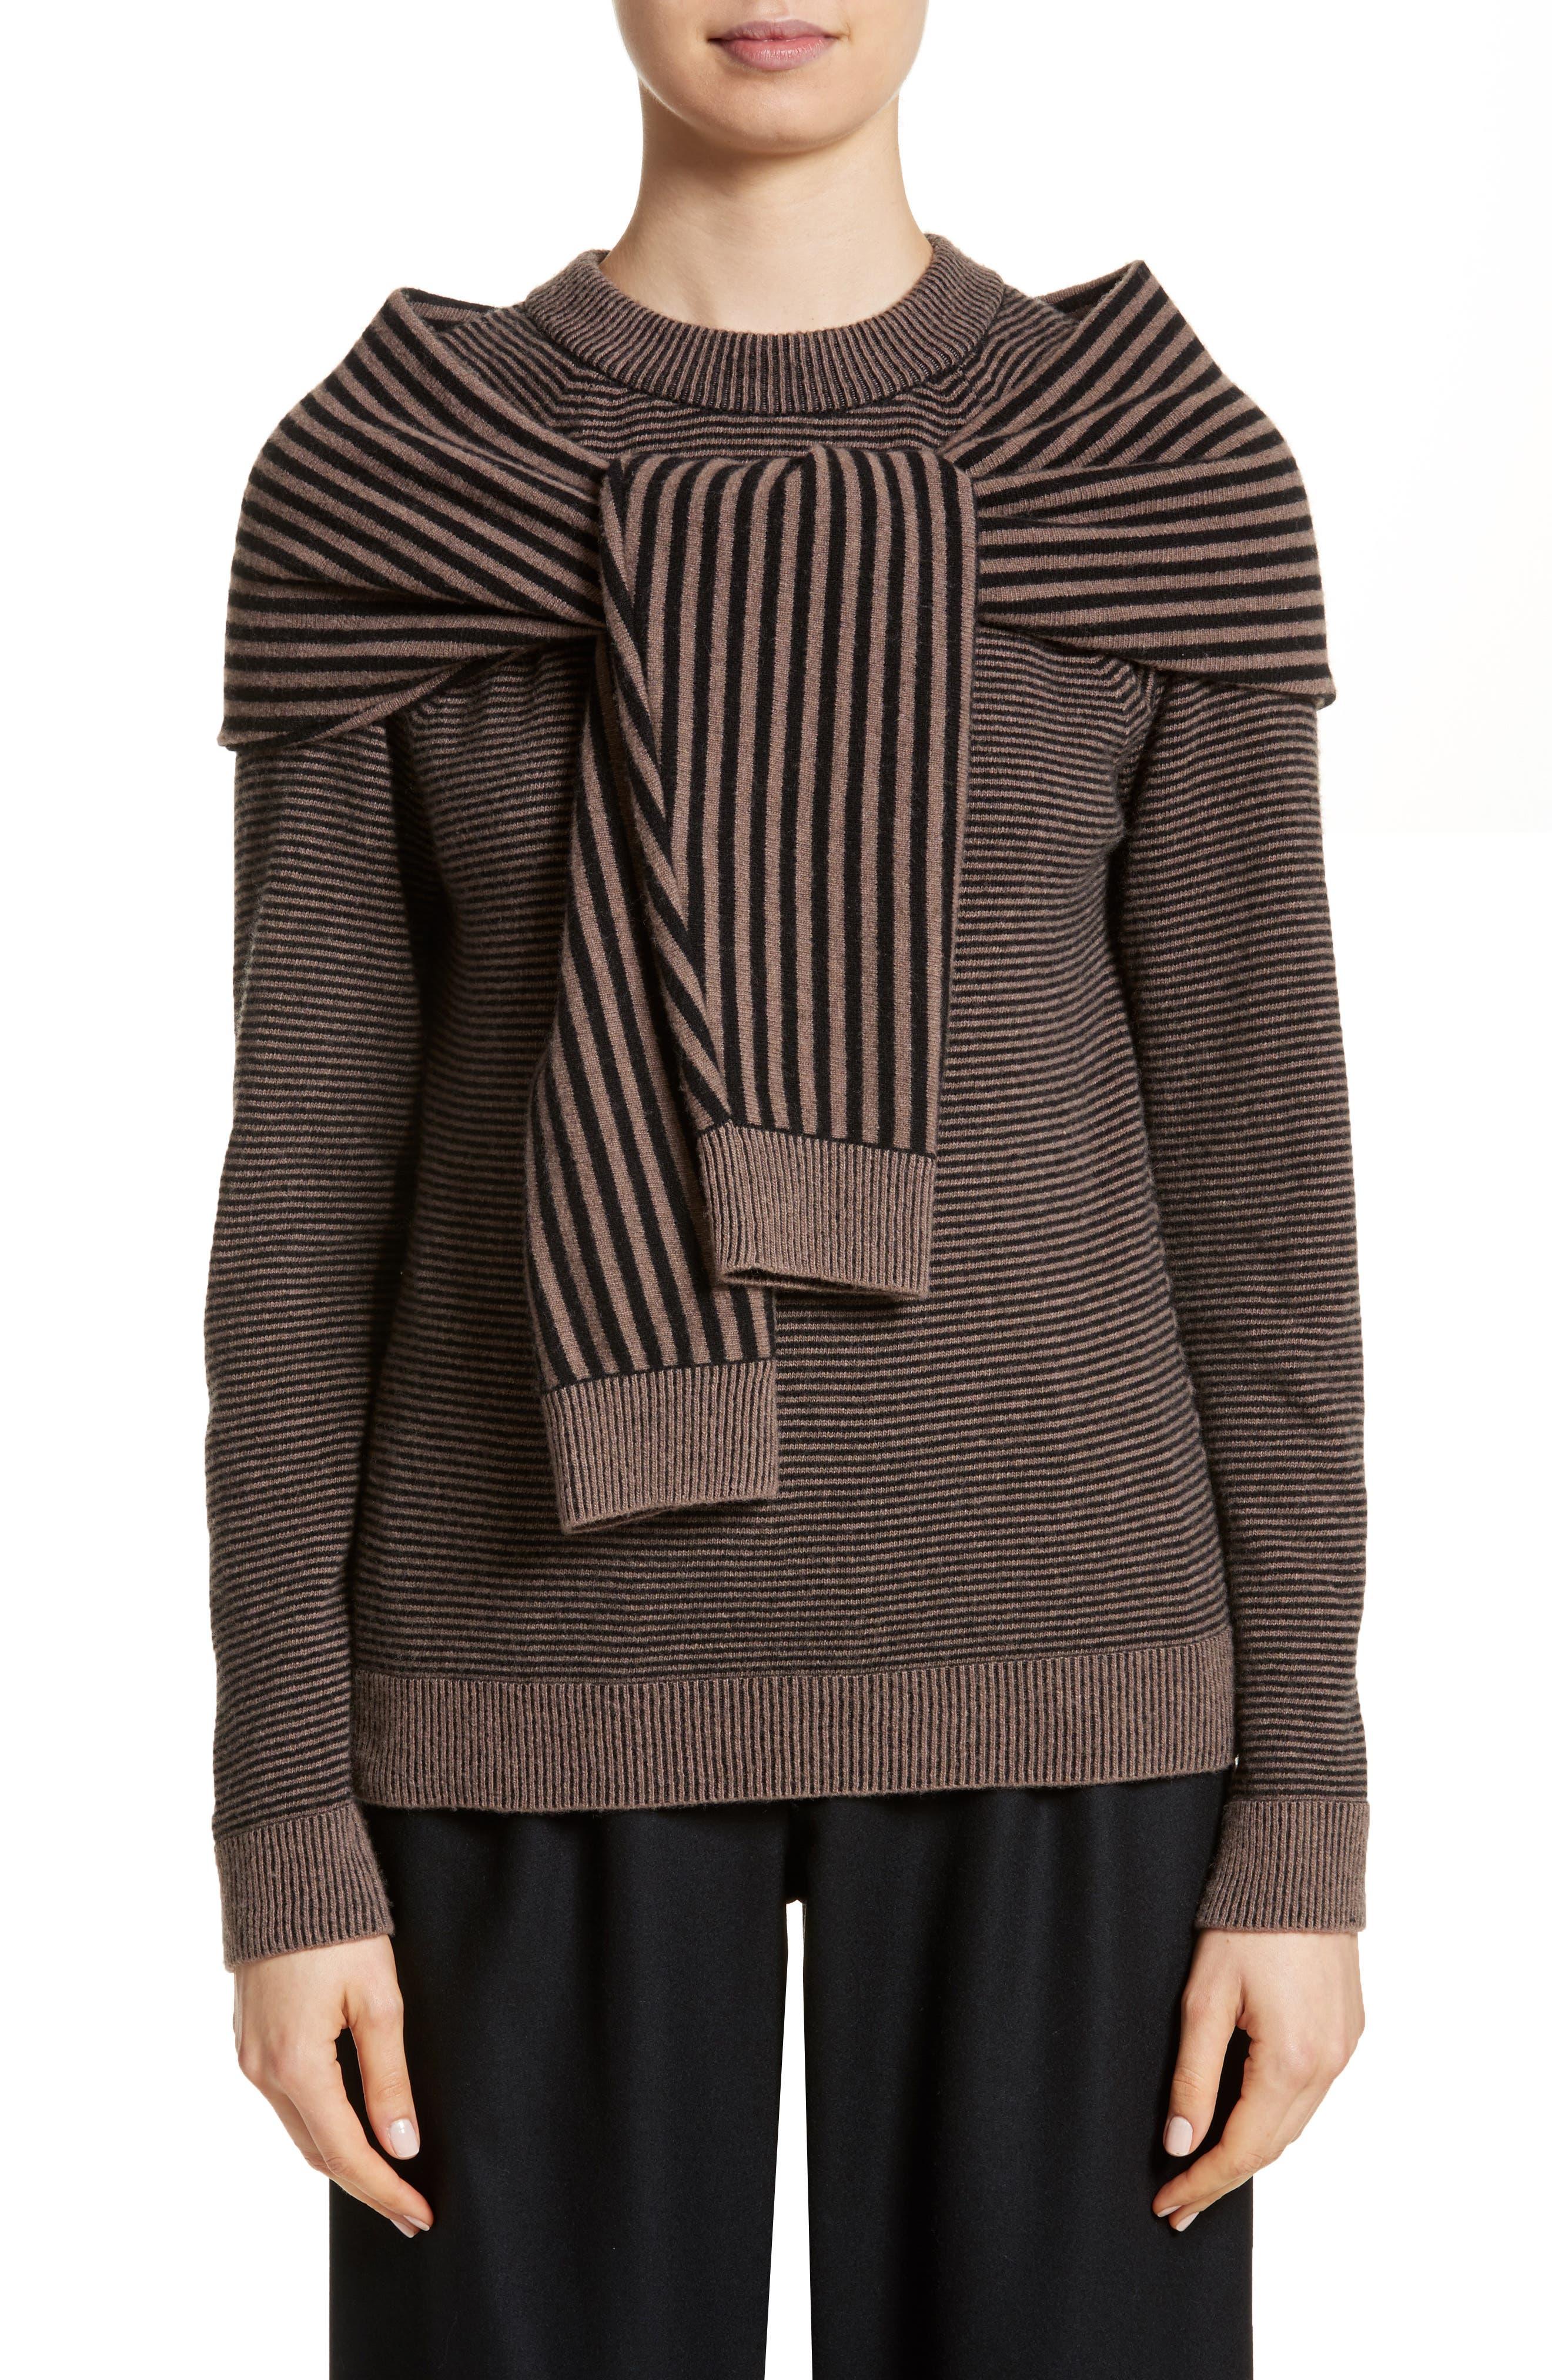 Isa Arfen Trompe L'Oeil Sweater